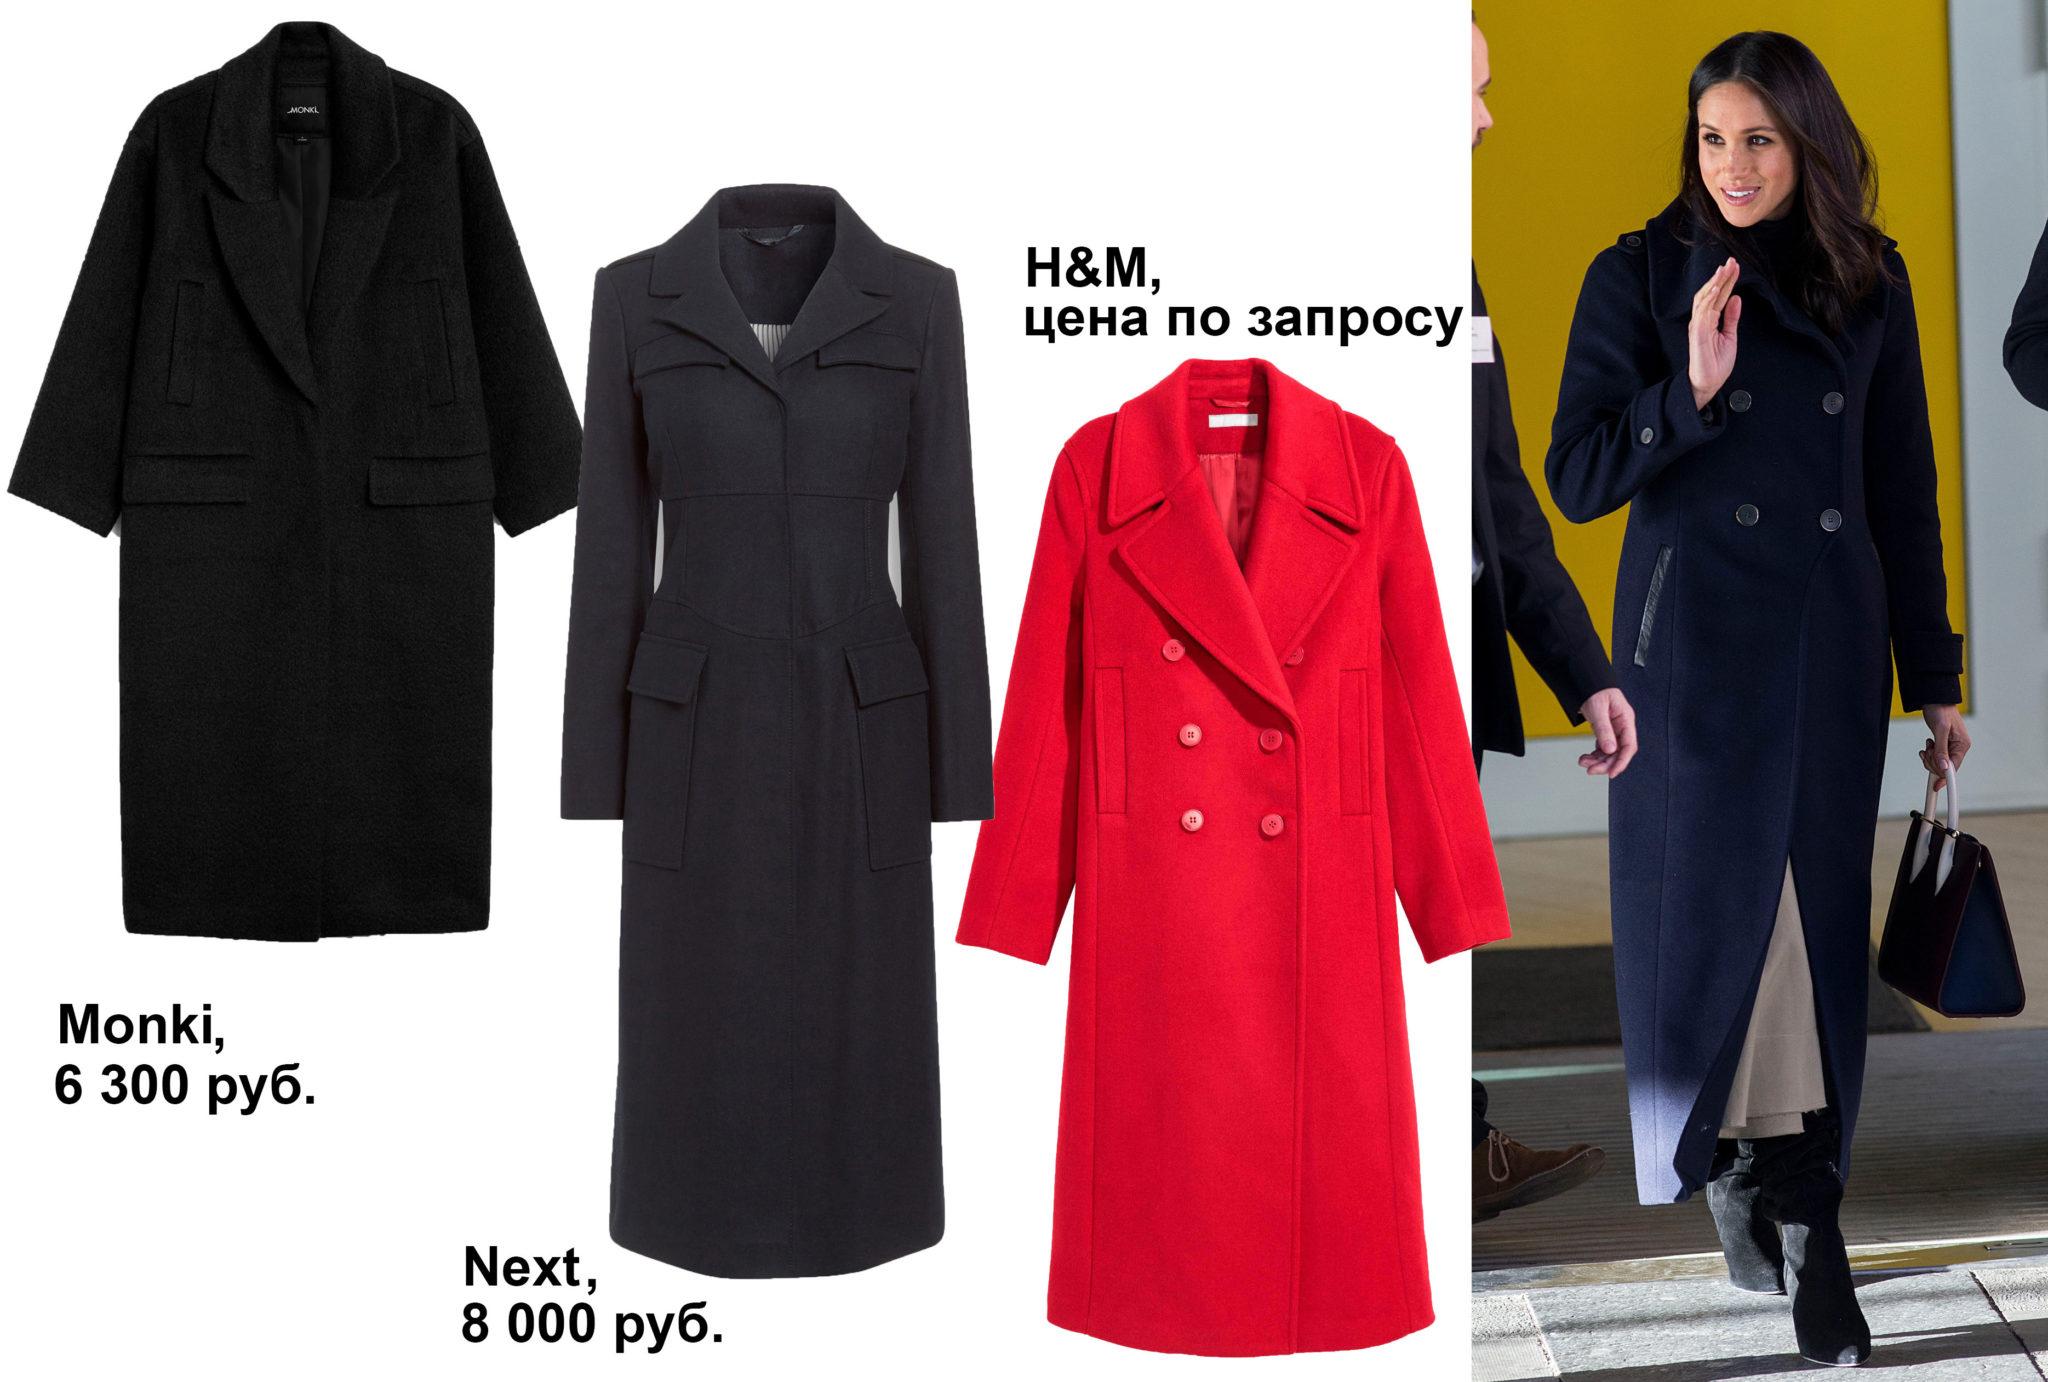 3 теплых пальто, как у Меган Маркл